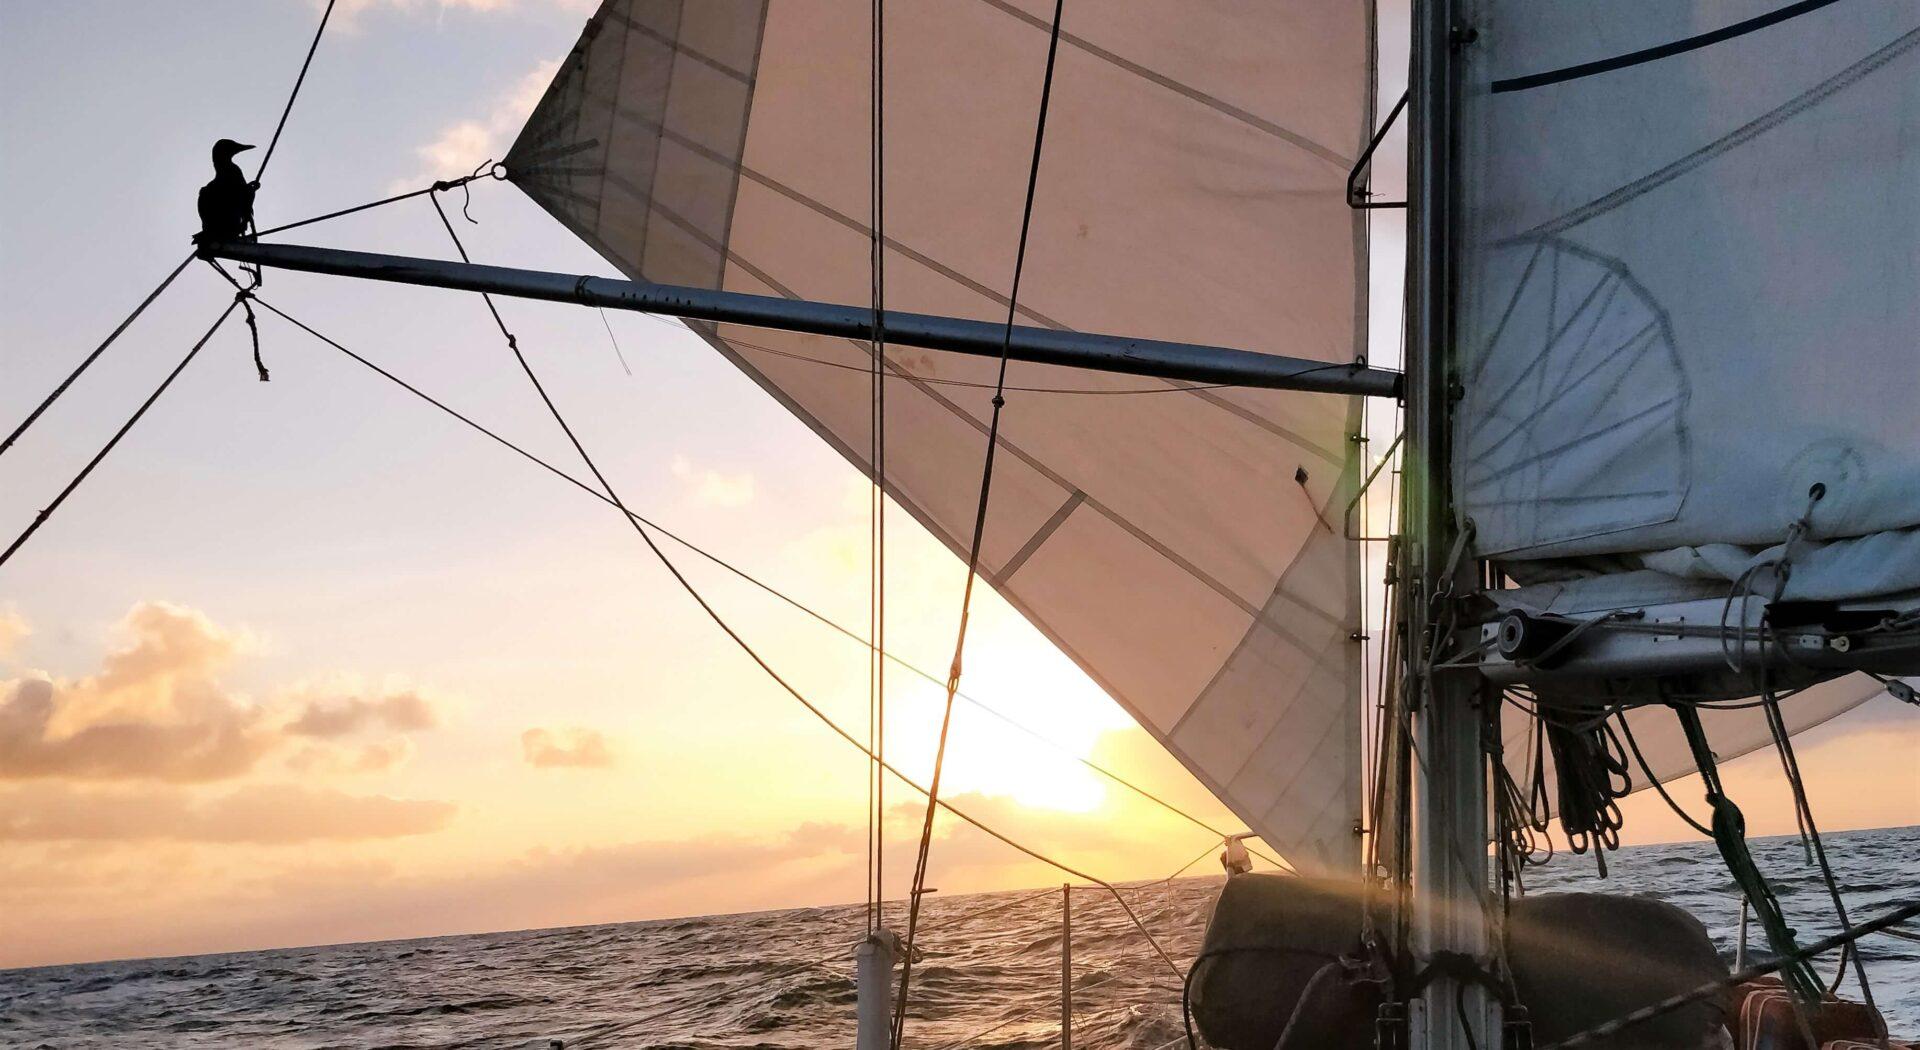 Kun få timer før nattedramatikken inntraff, var alt bare fryd og gammen. Butterfly-seilføringen var upåklagelig, og sola var på hell over Arafurasjøen. Lite visste vi om hva vi hadde i vente.